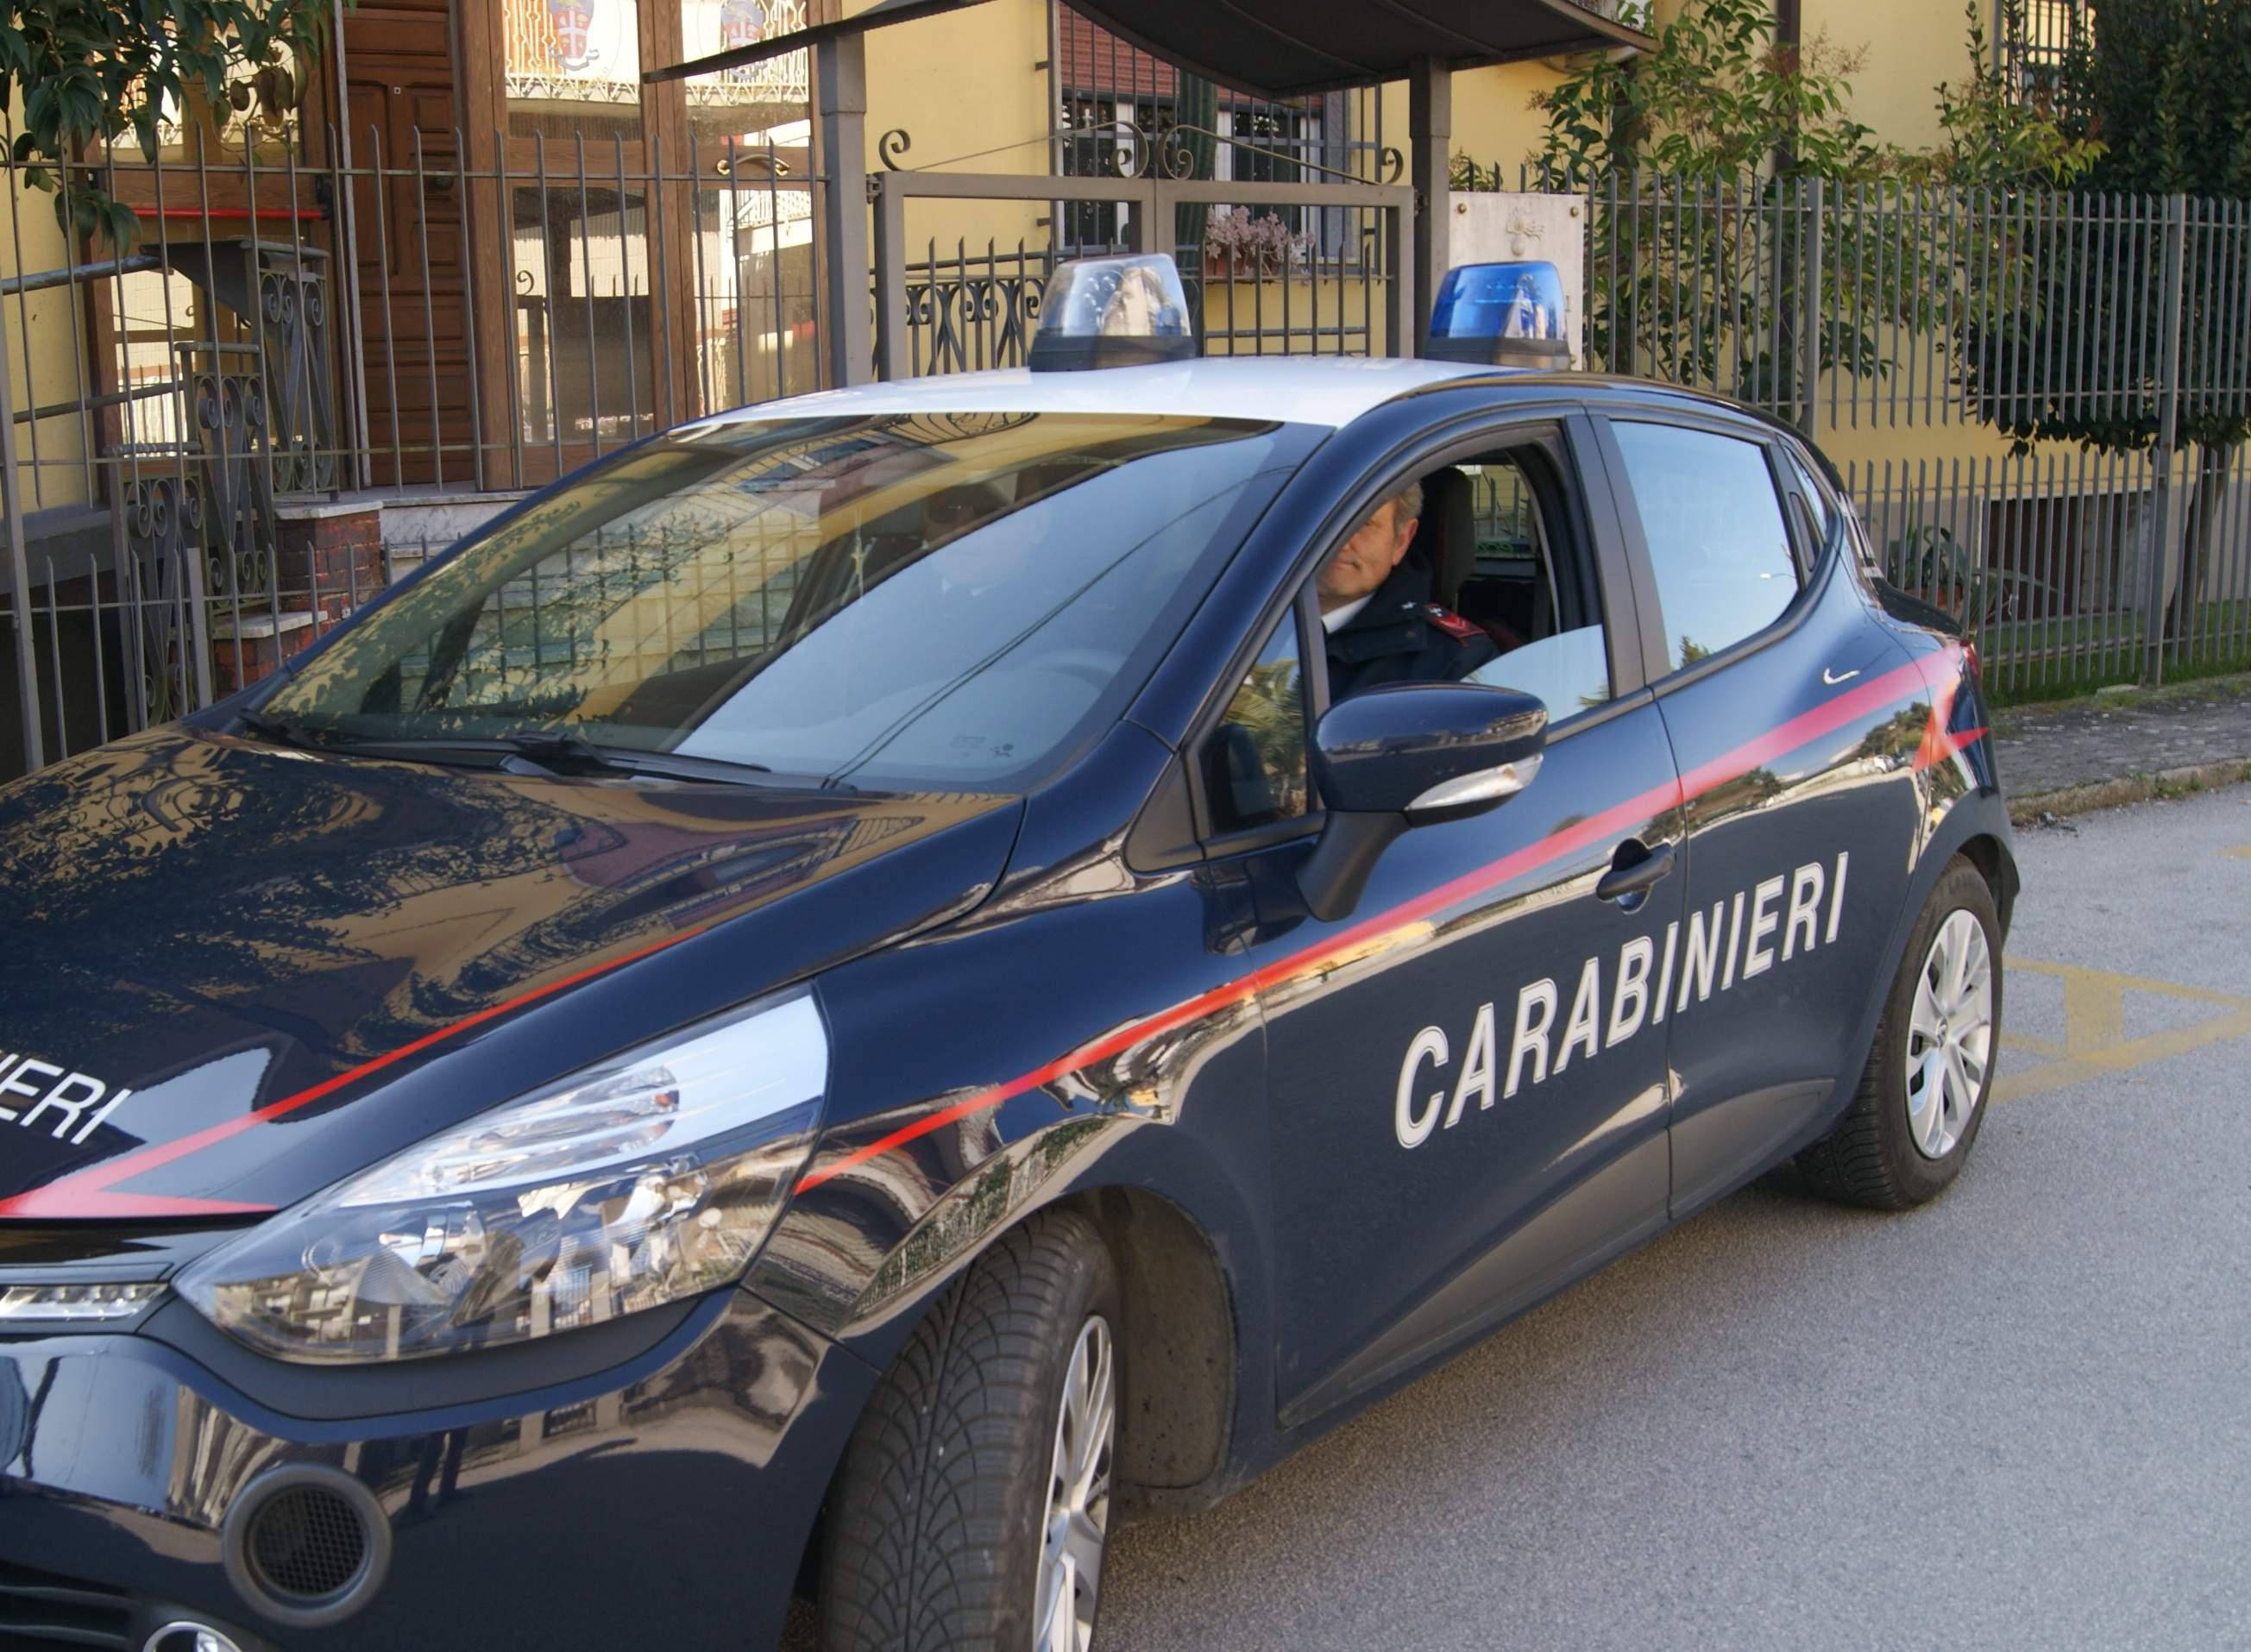 Carabinieri Dentecane Pietradefusi